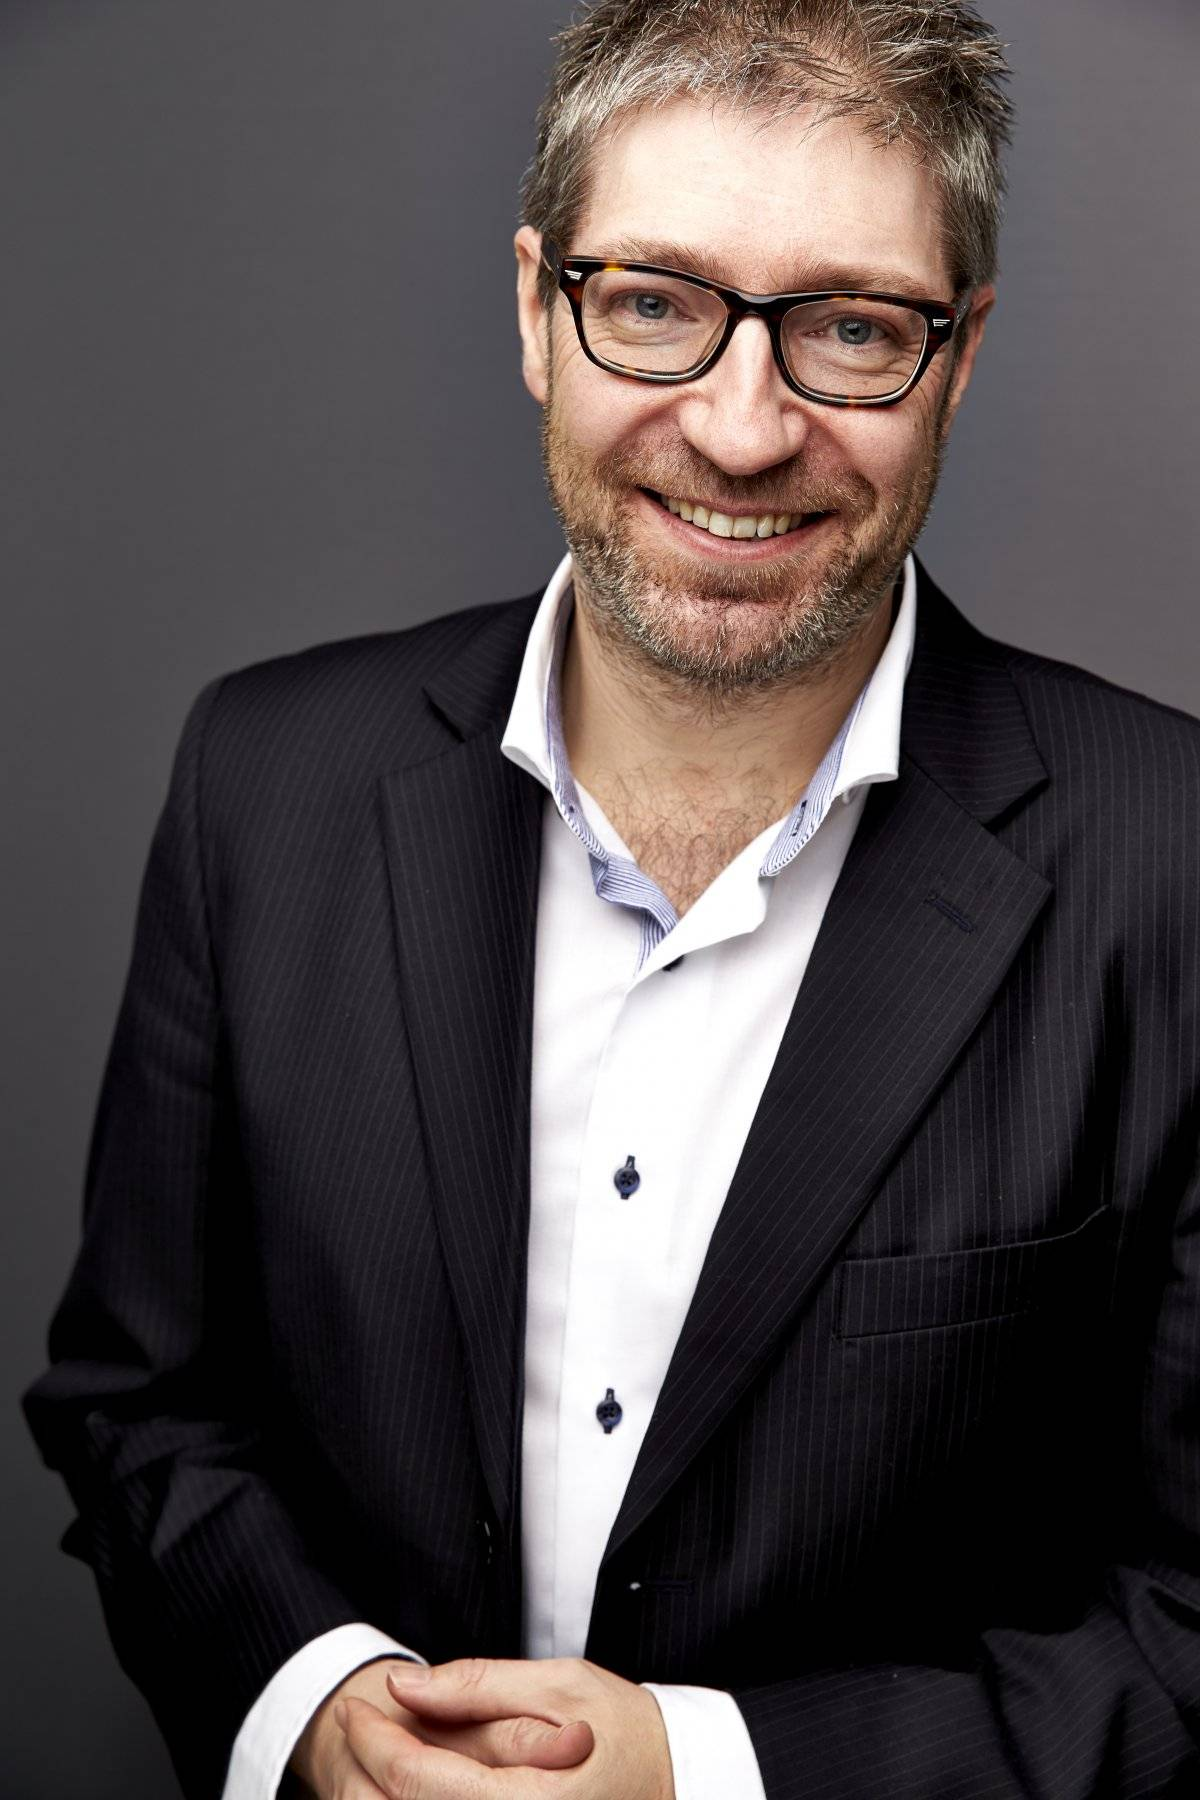 David Bailey, profesor en Birmingham, la Escuela de Negocios Aston con sede en el Reino Unido